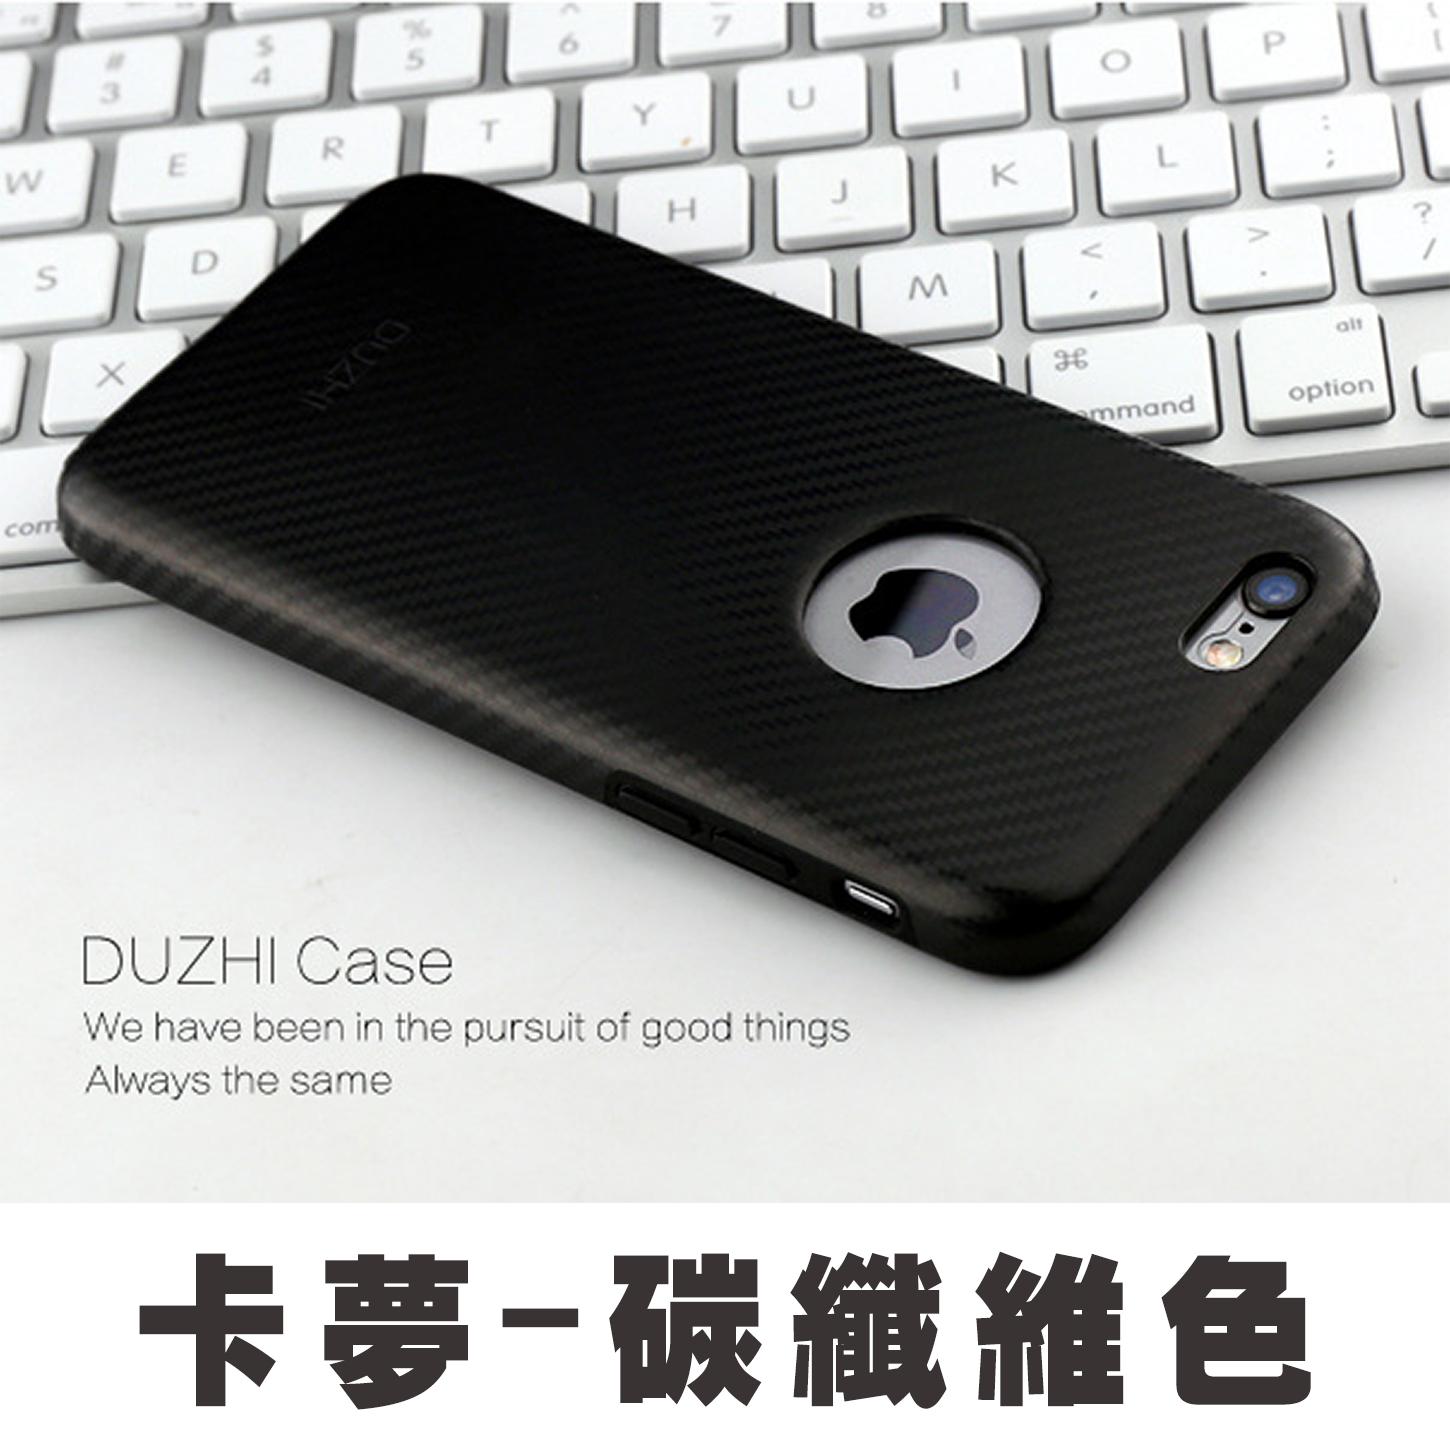 【當日出貨】iPhone6S/Plus DUZHI 360度全包覆霧面矽膠套 卡夢碳纖維色 手機殼 背蓋 ROCK-MOOD